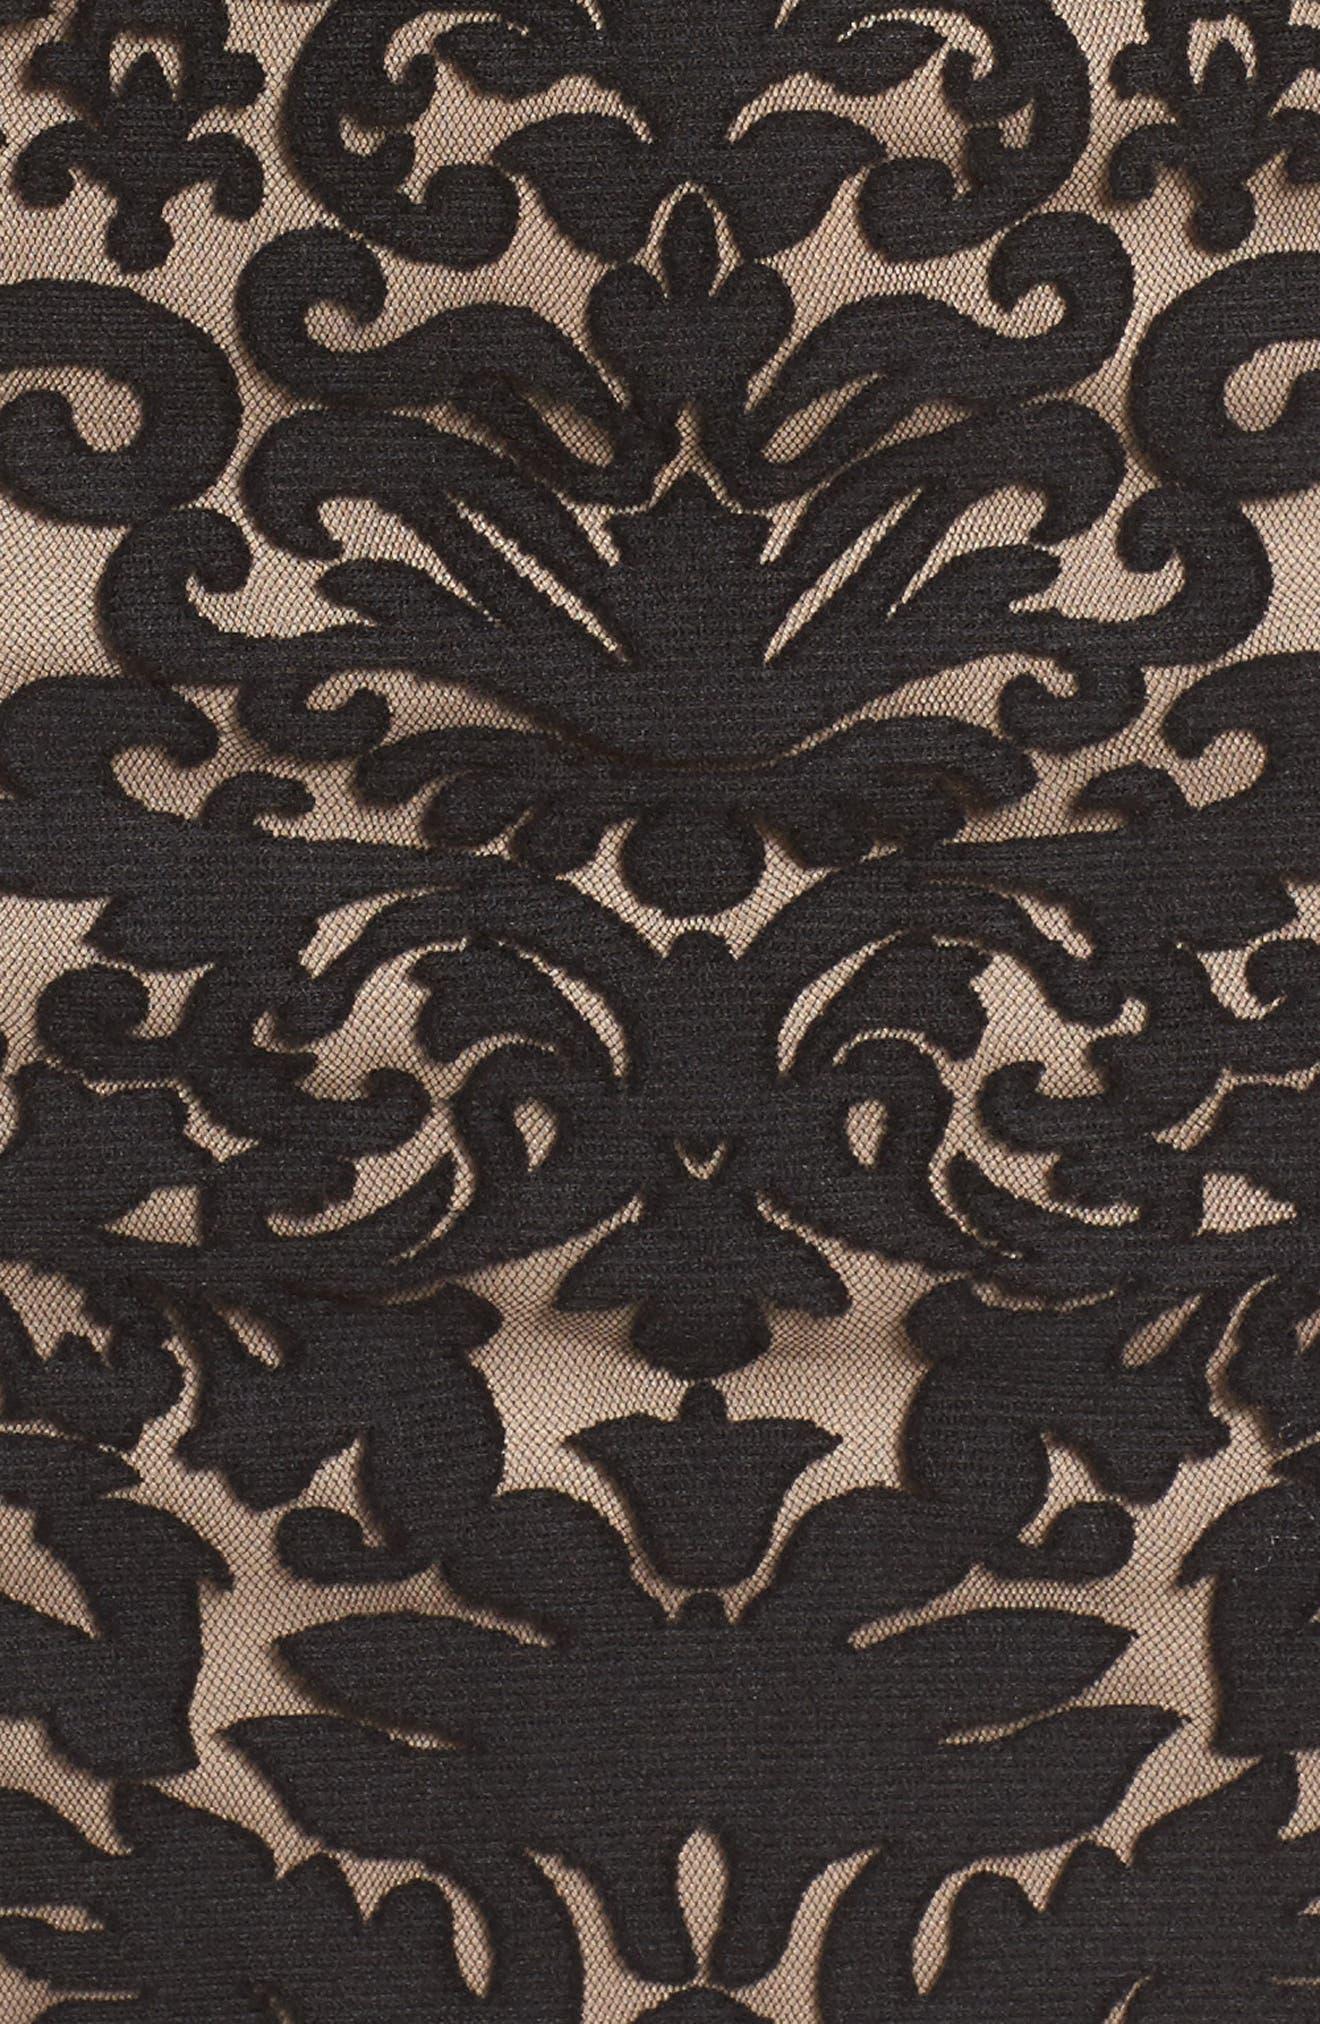 Flocked Cold Shoulder Sheath Dress,                             Alternate thumbnail 5, color,                             Black/ Nude